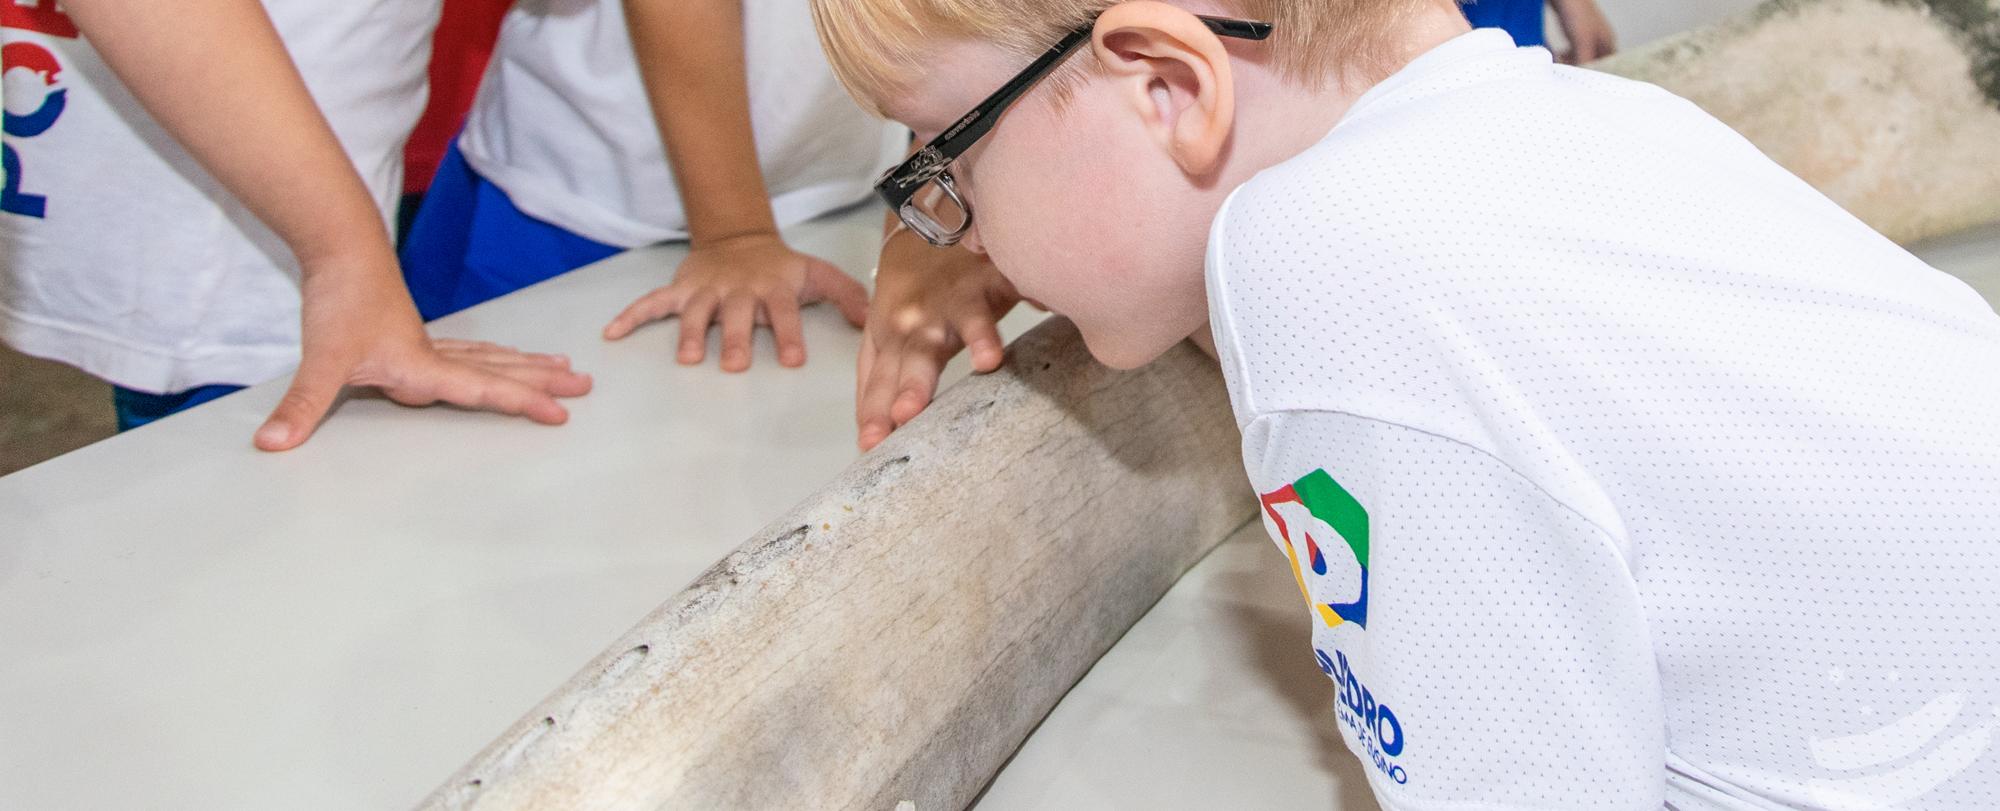 Gressus 5 estuda o osso de uma baleia-comum em Troca de Saberes